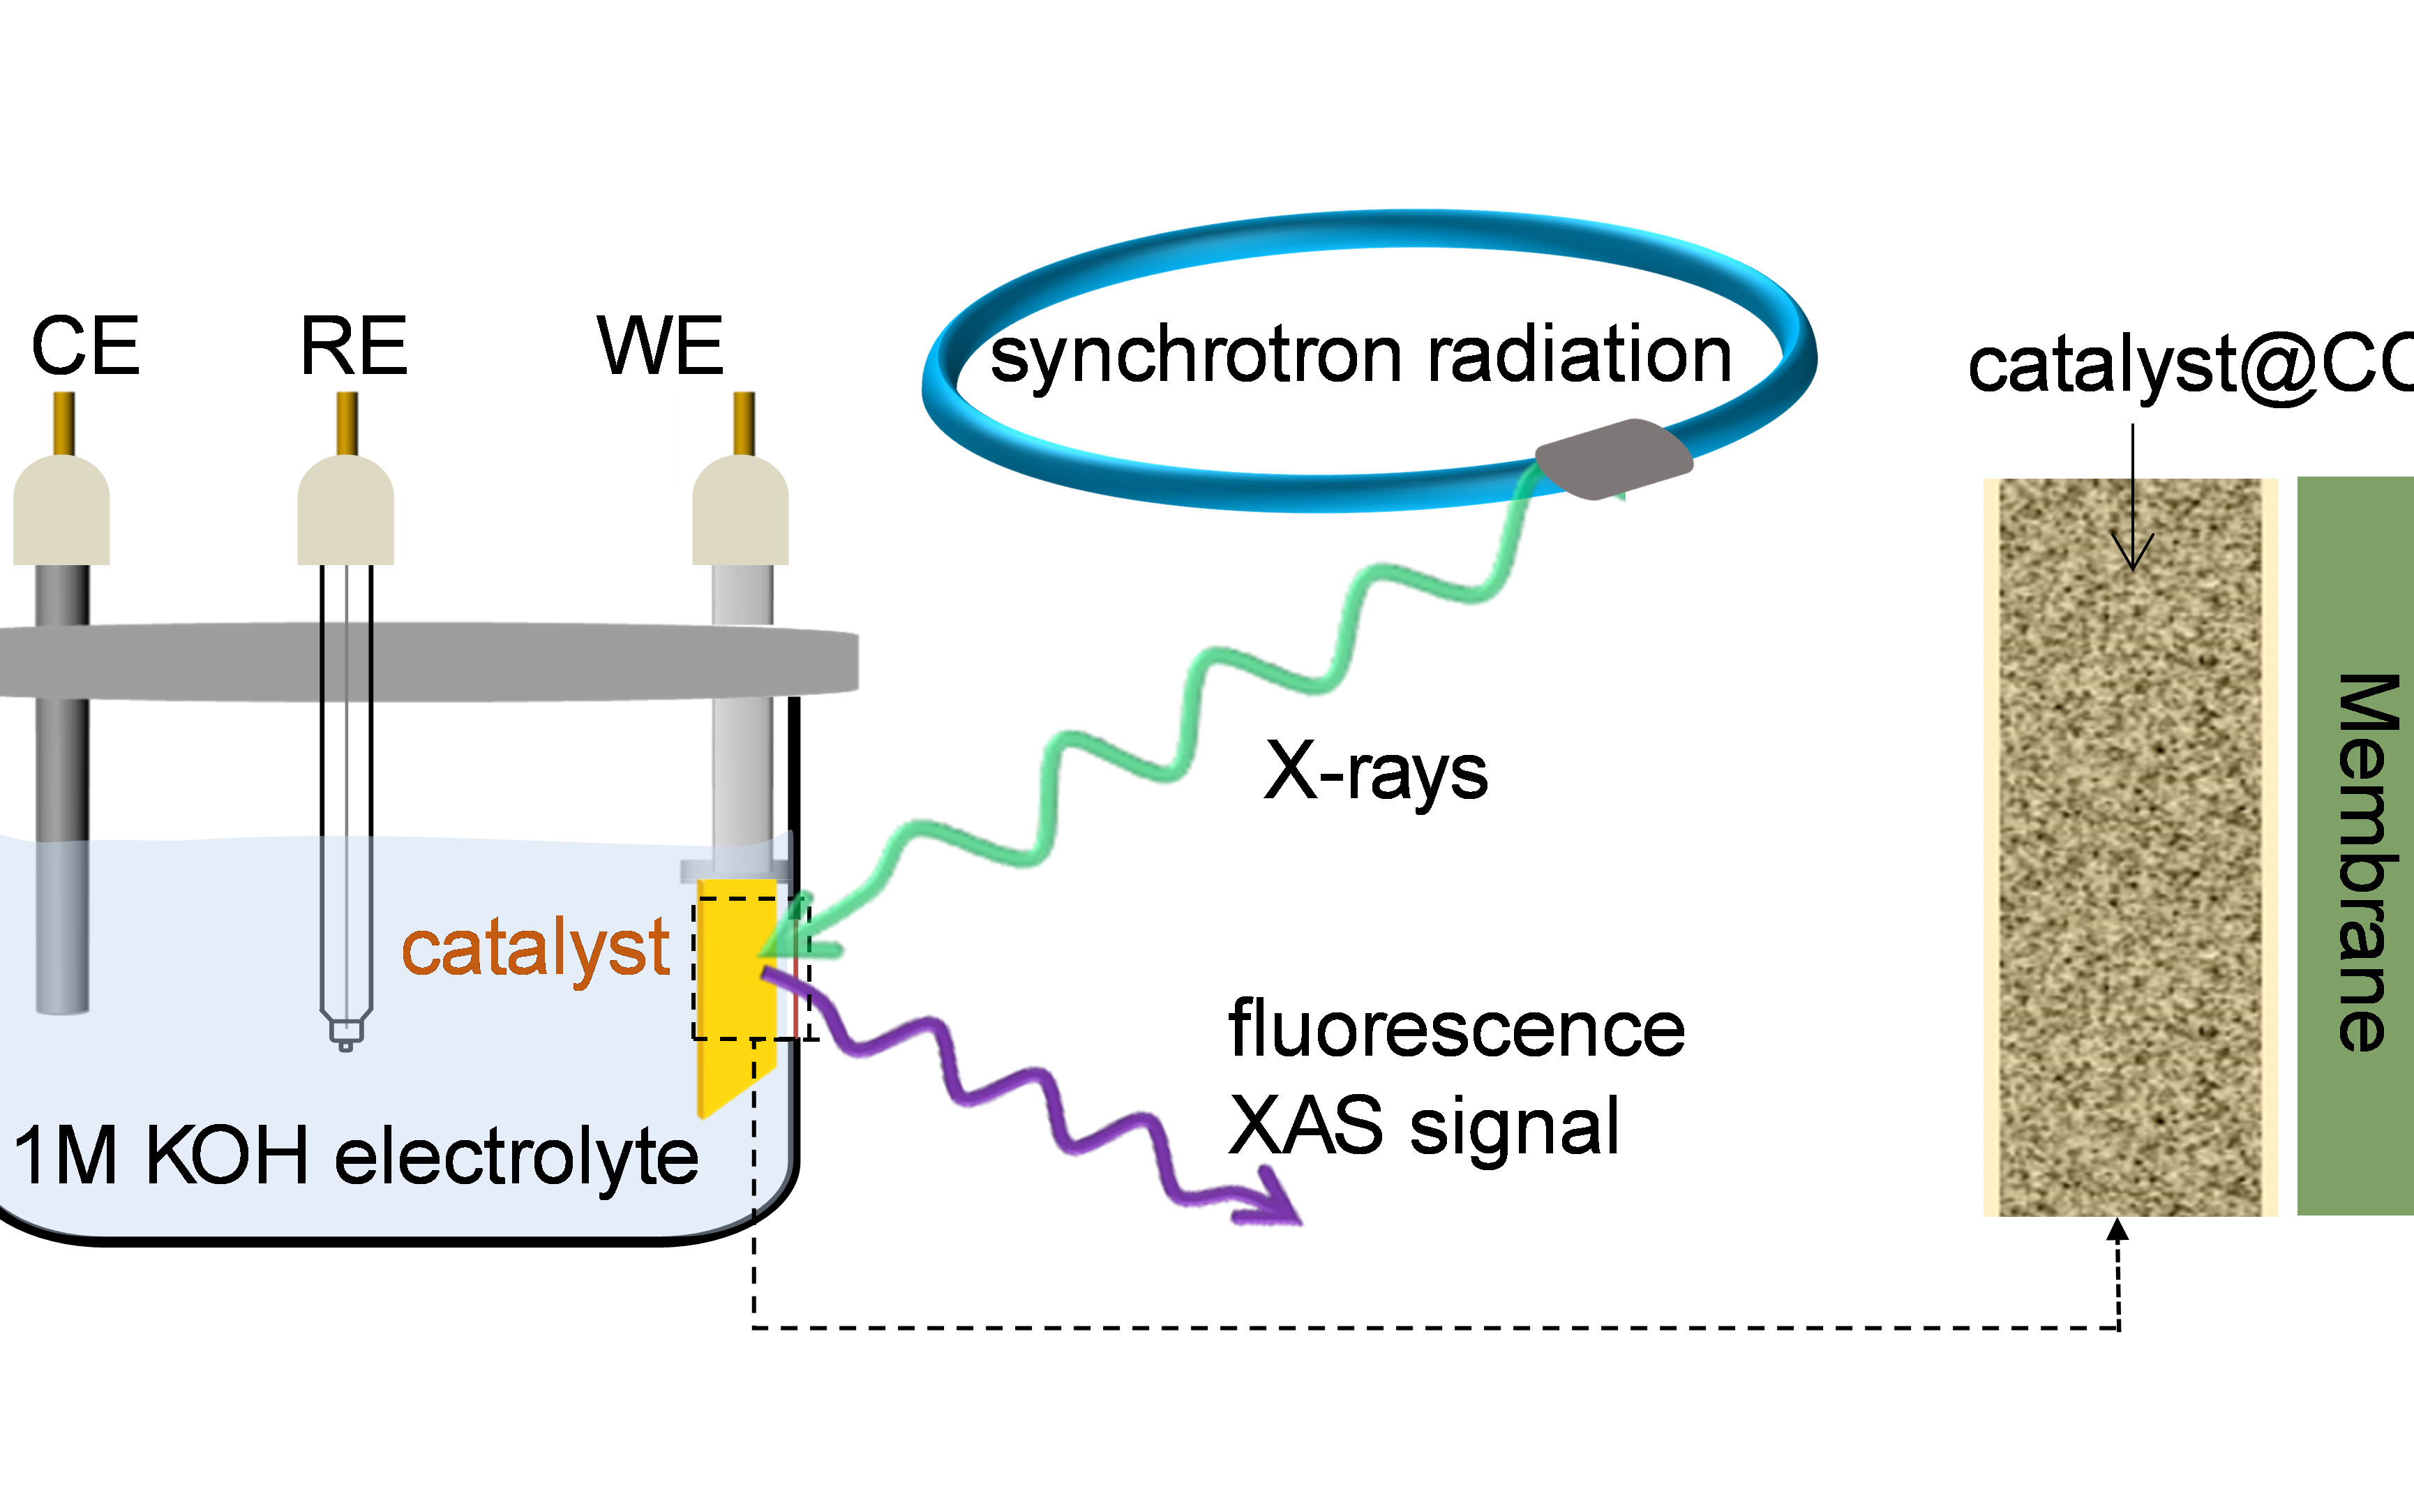 中科大Nature Catalysis:原位同步辐射揭示电催化真实反应活性位点!